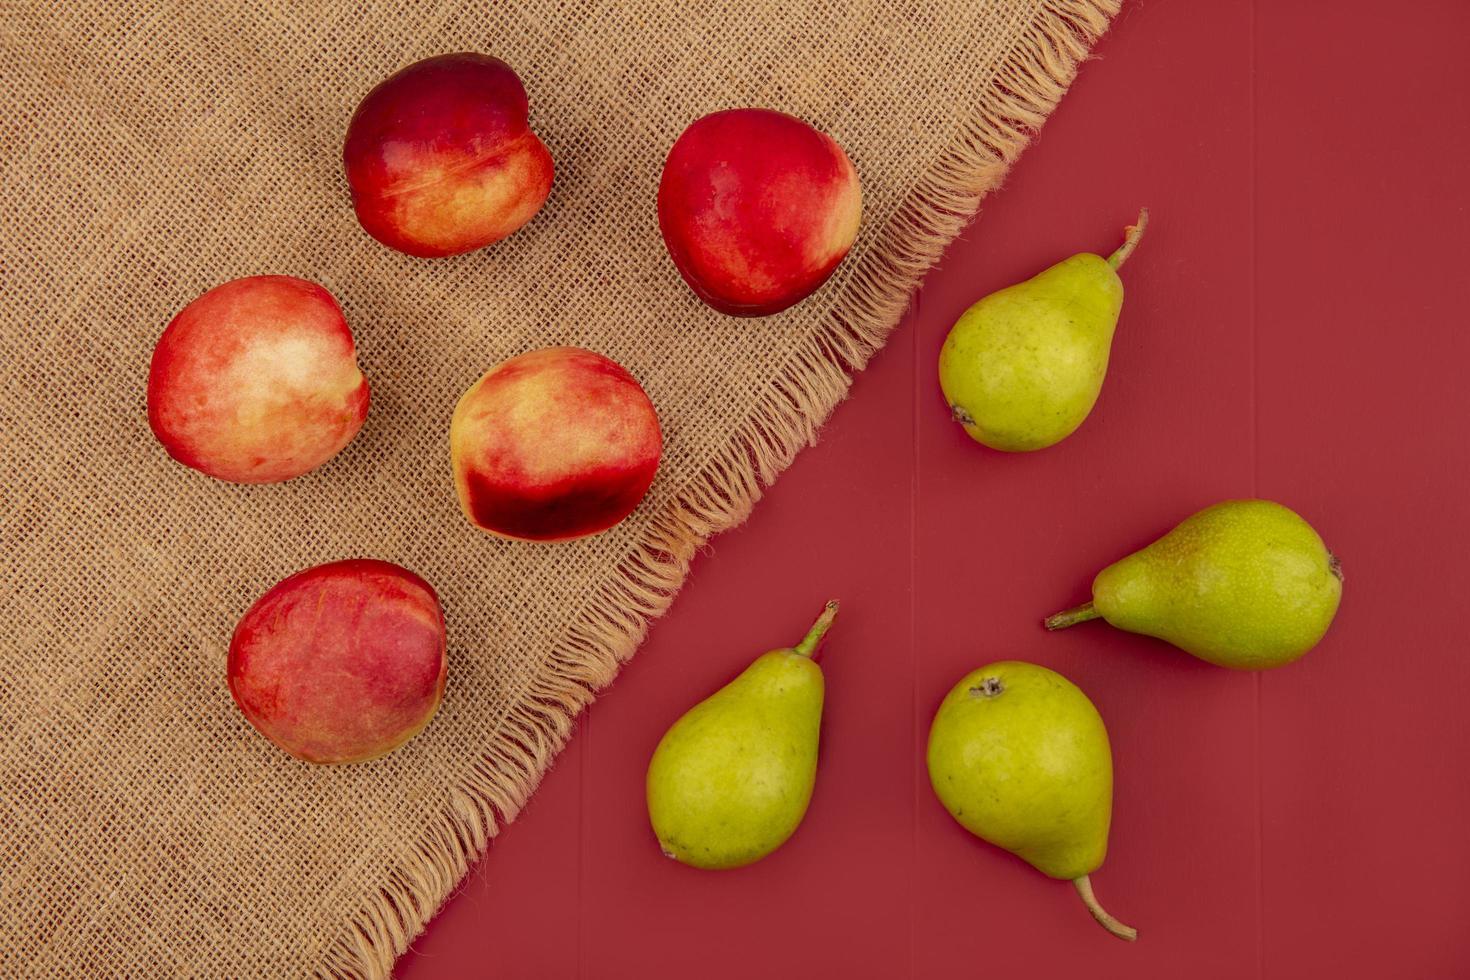 Vista superior de melocotón y peras sobre un fondo rojo. foto